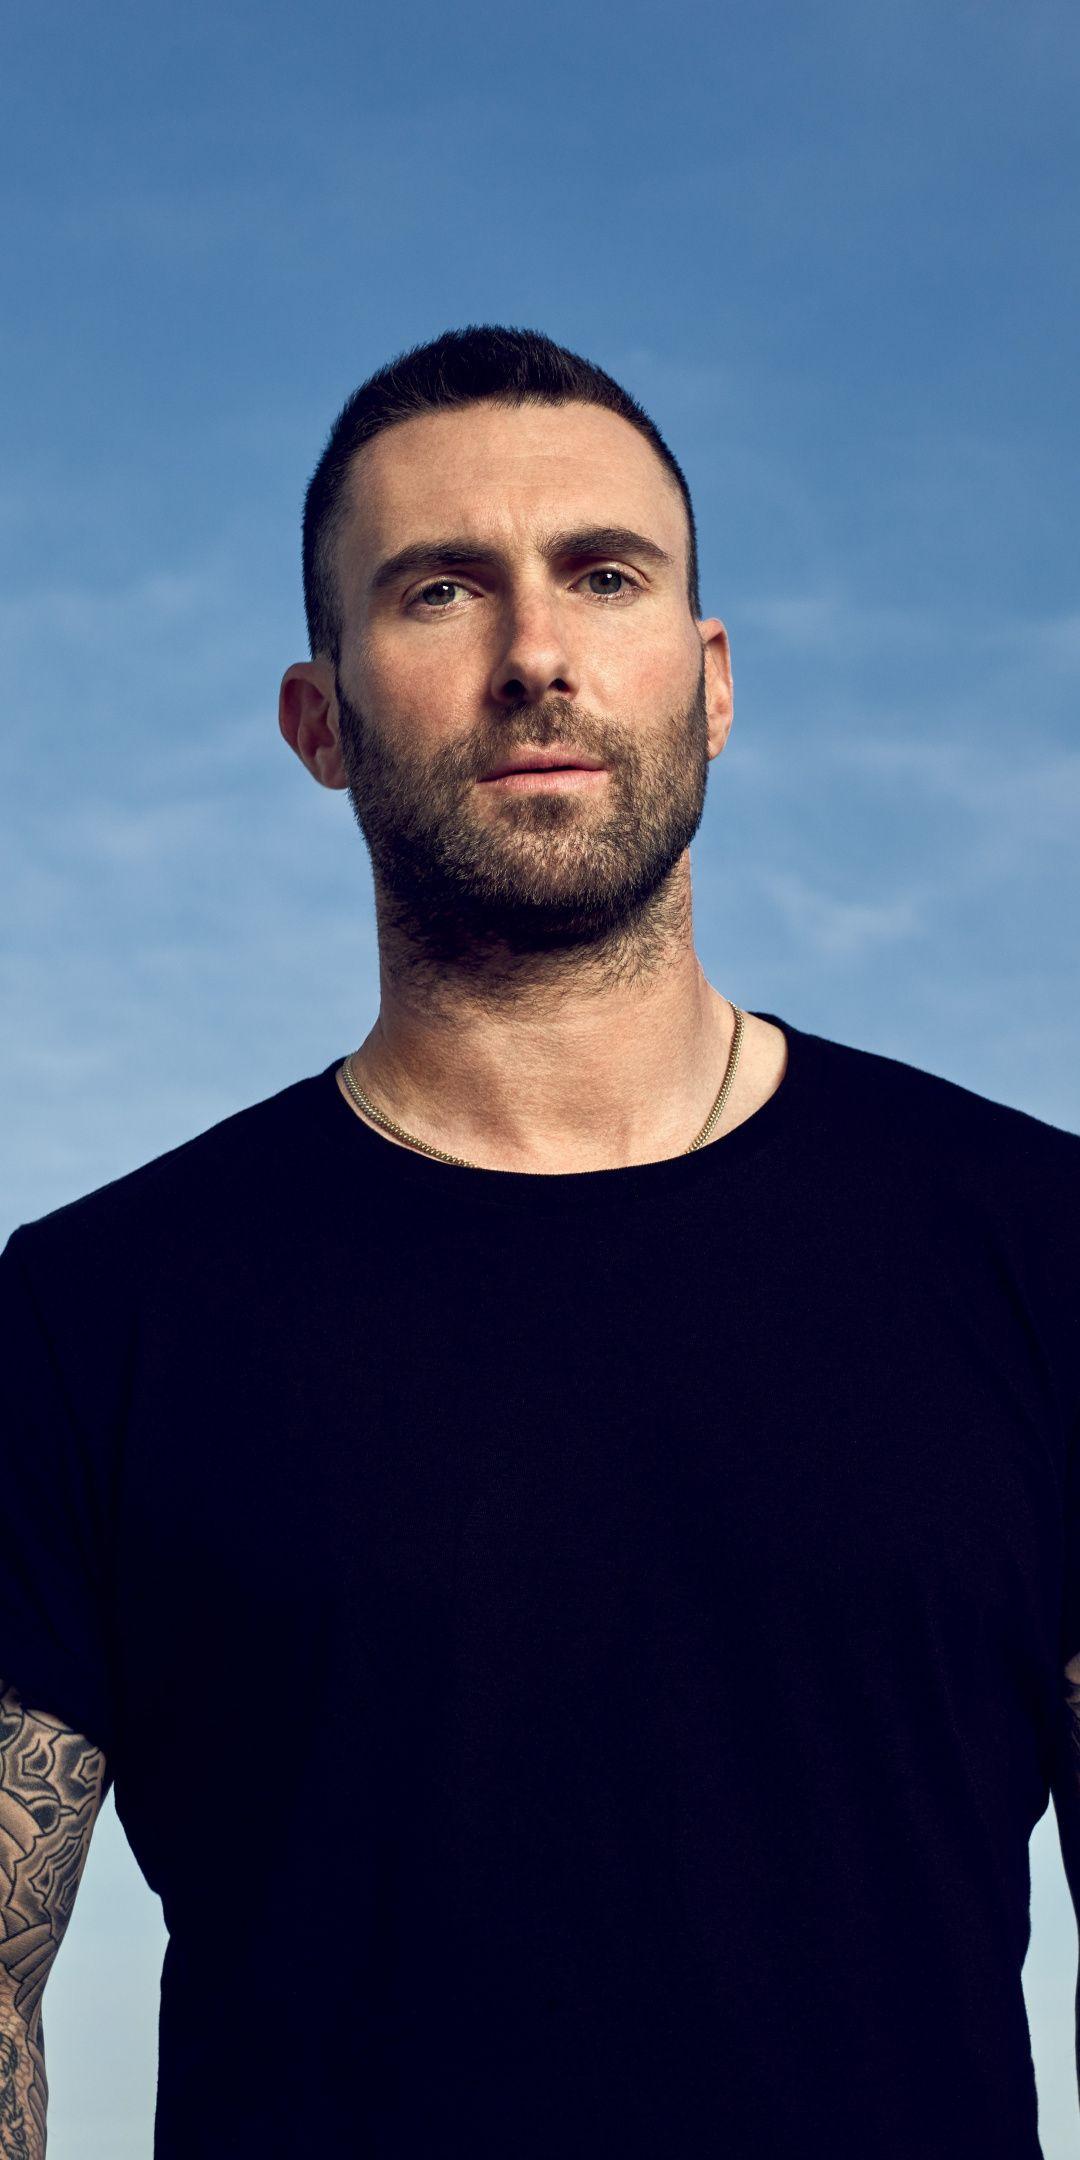 Adam Levine Celebrity 2019 1080x2160 Wallpaper Adam Levine Adam Levine Beard Adam Levine Haircut